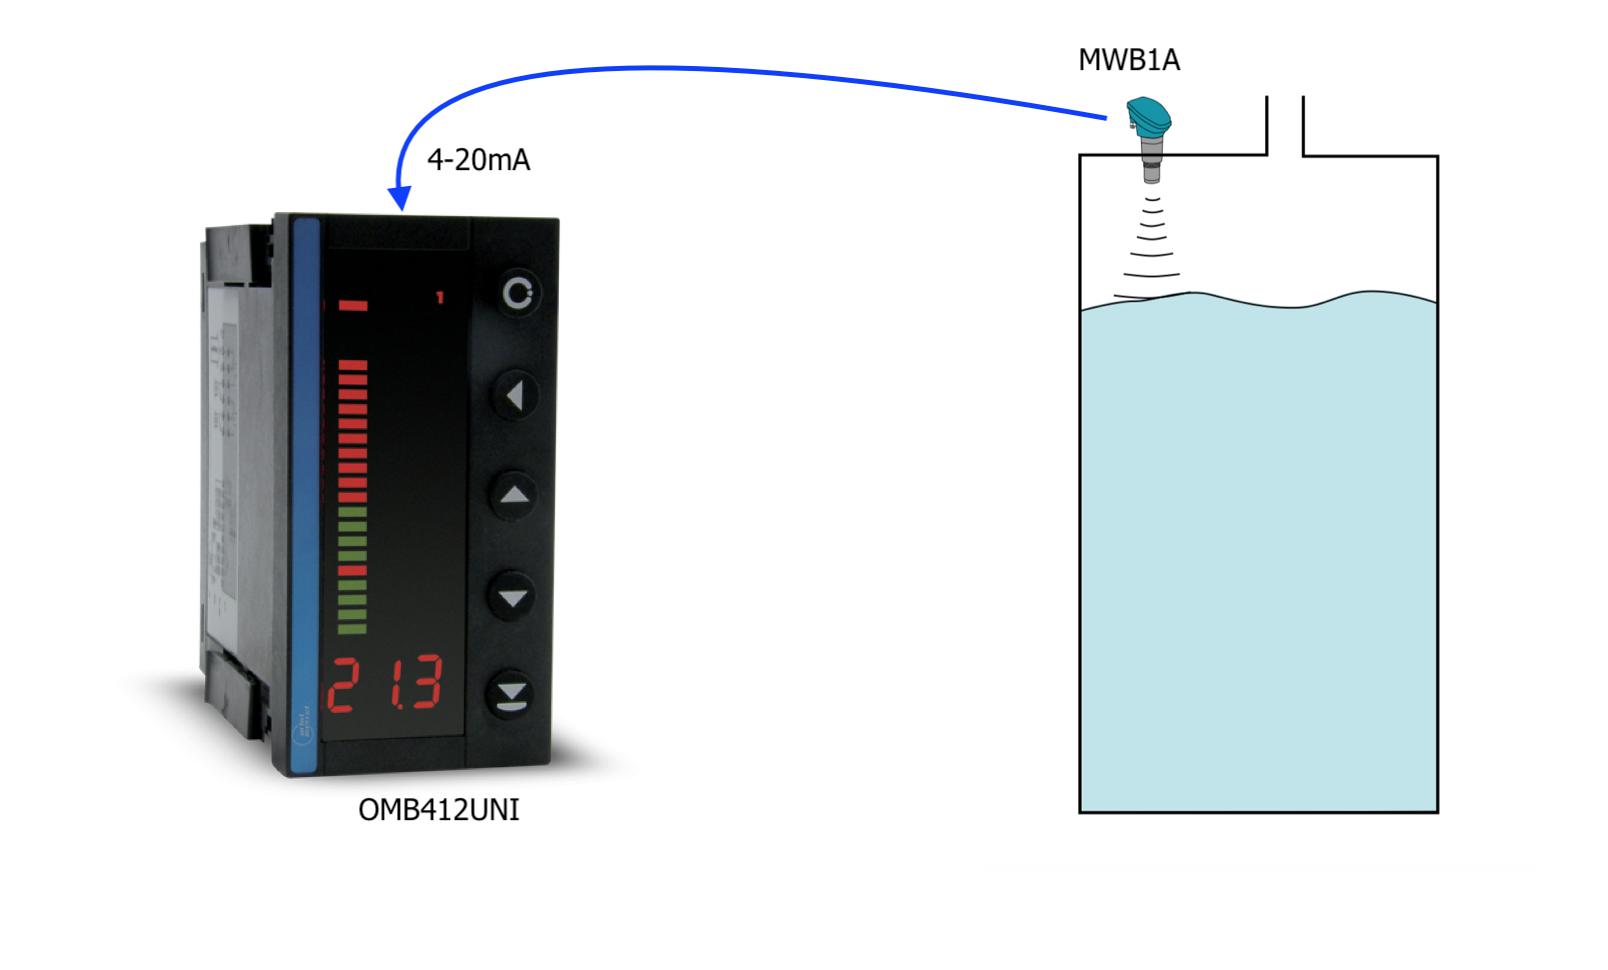 Bộ hiển thị kết hợp cảm biến mức nước